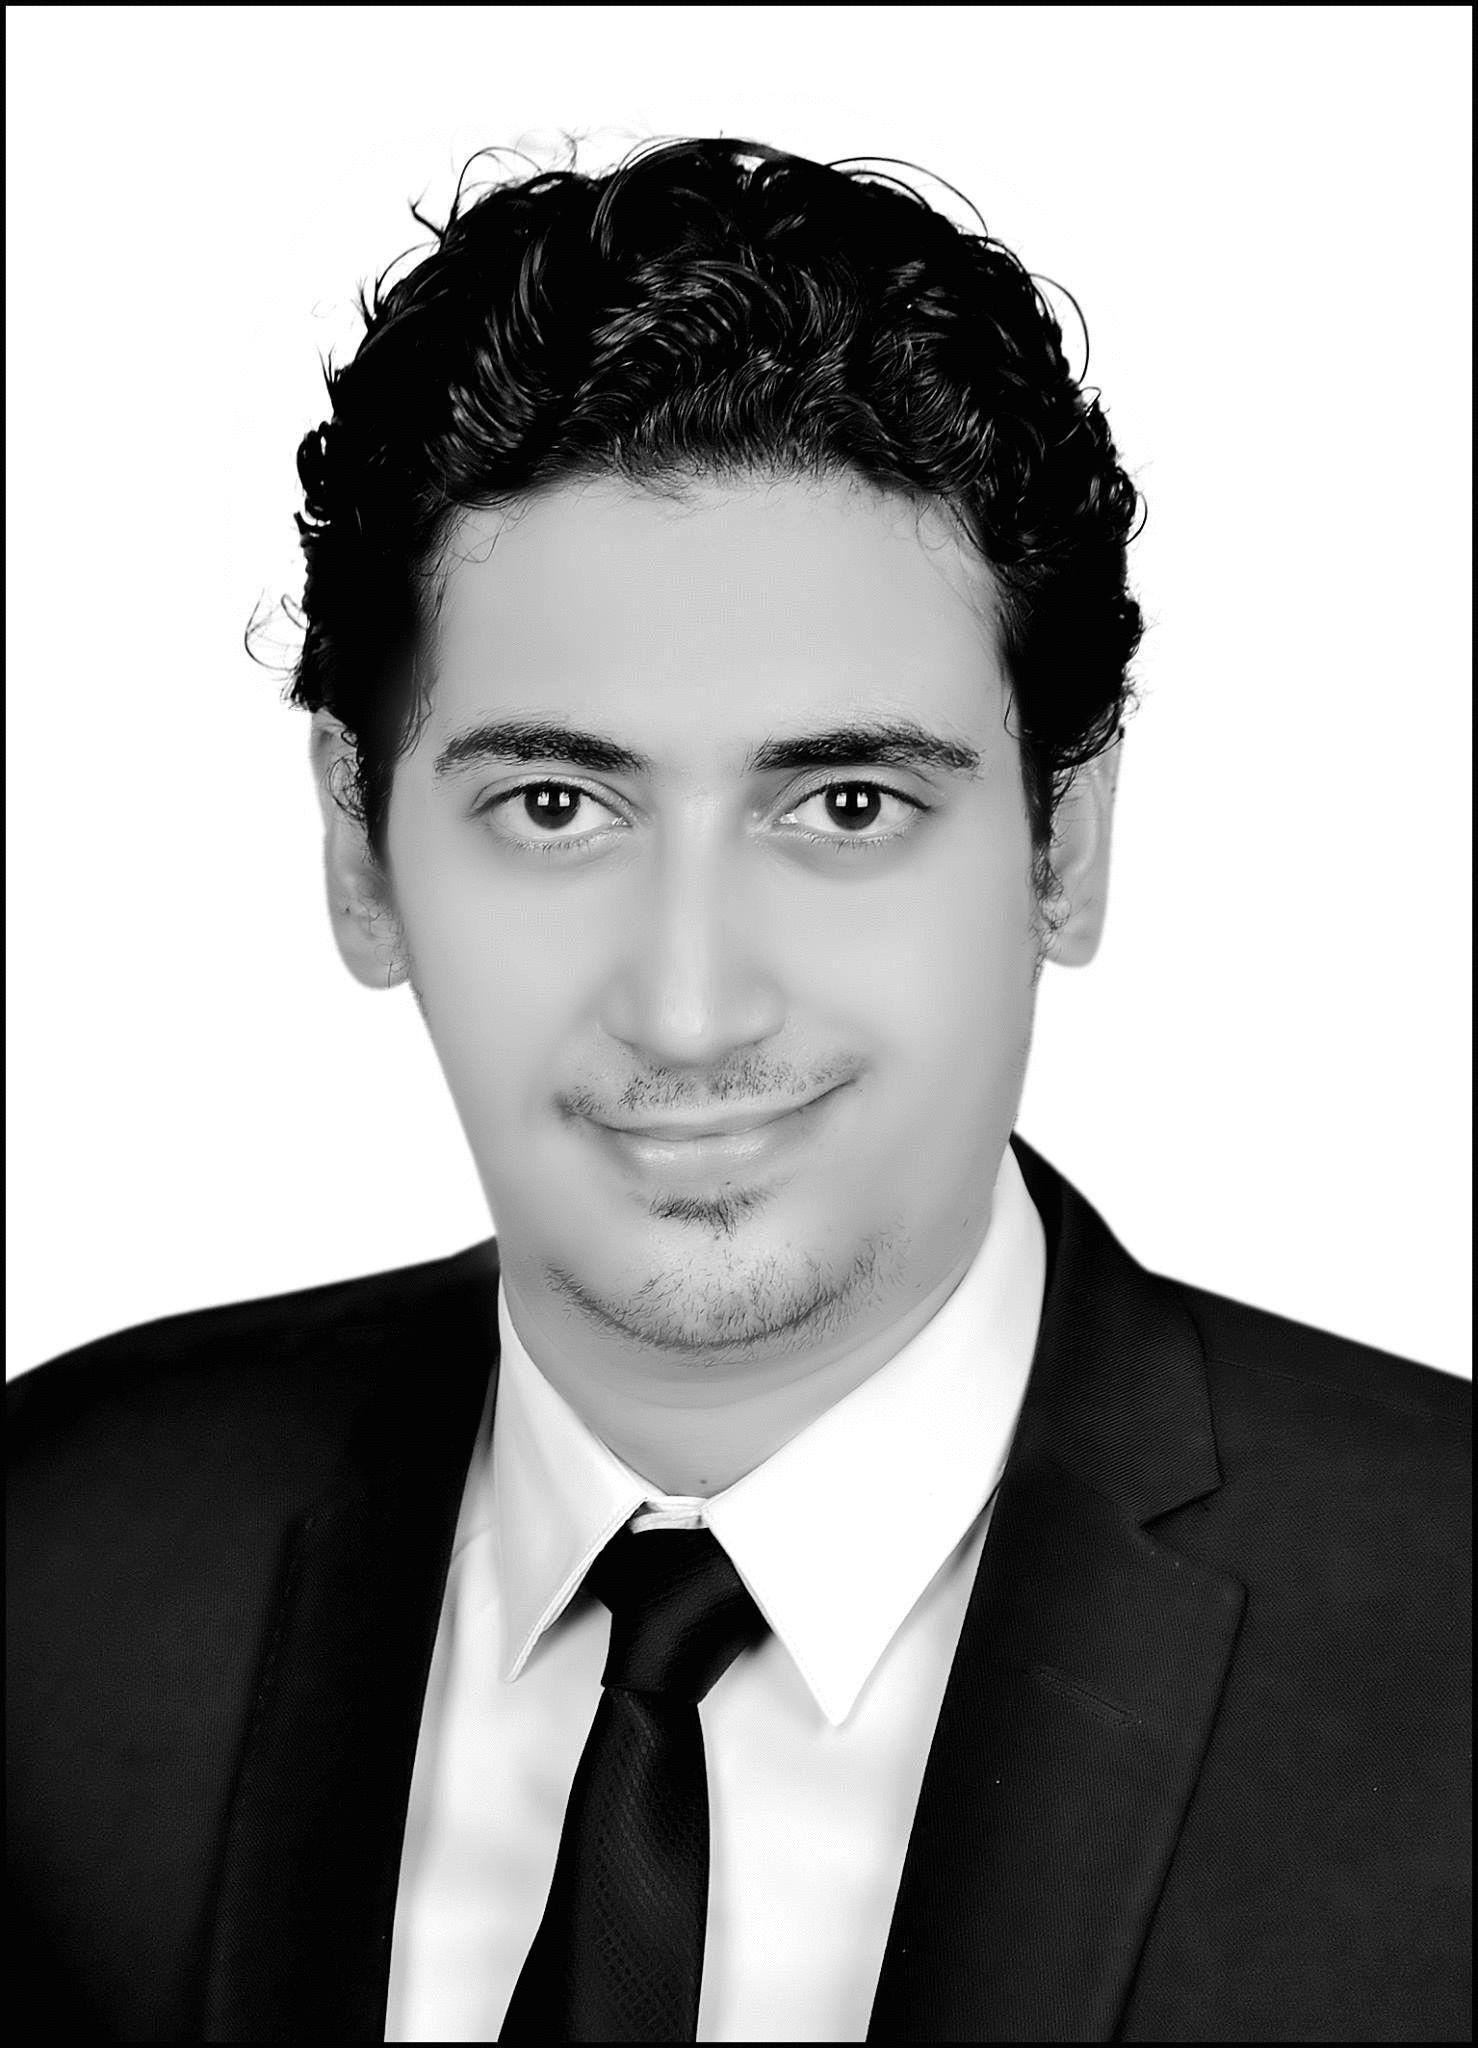 محمد أبو سبحة Headshot